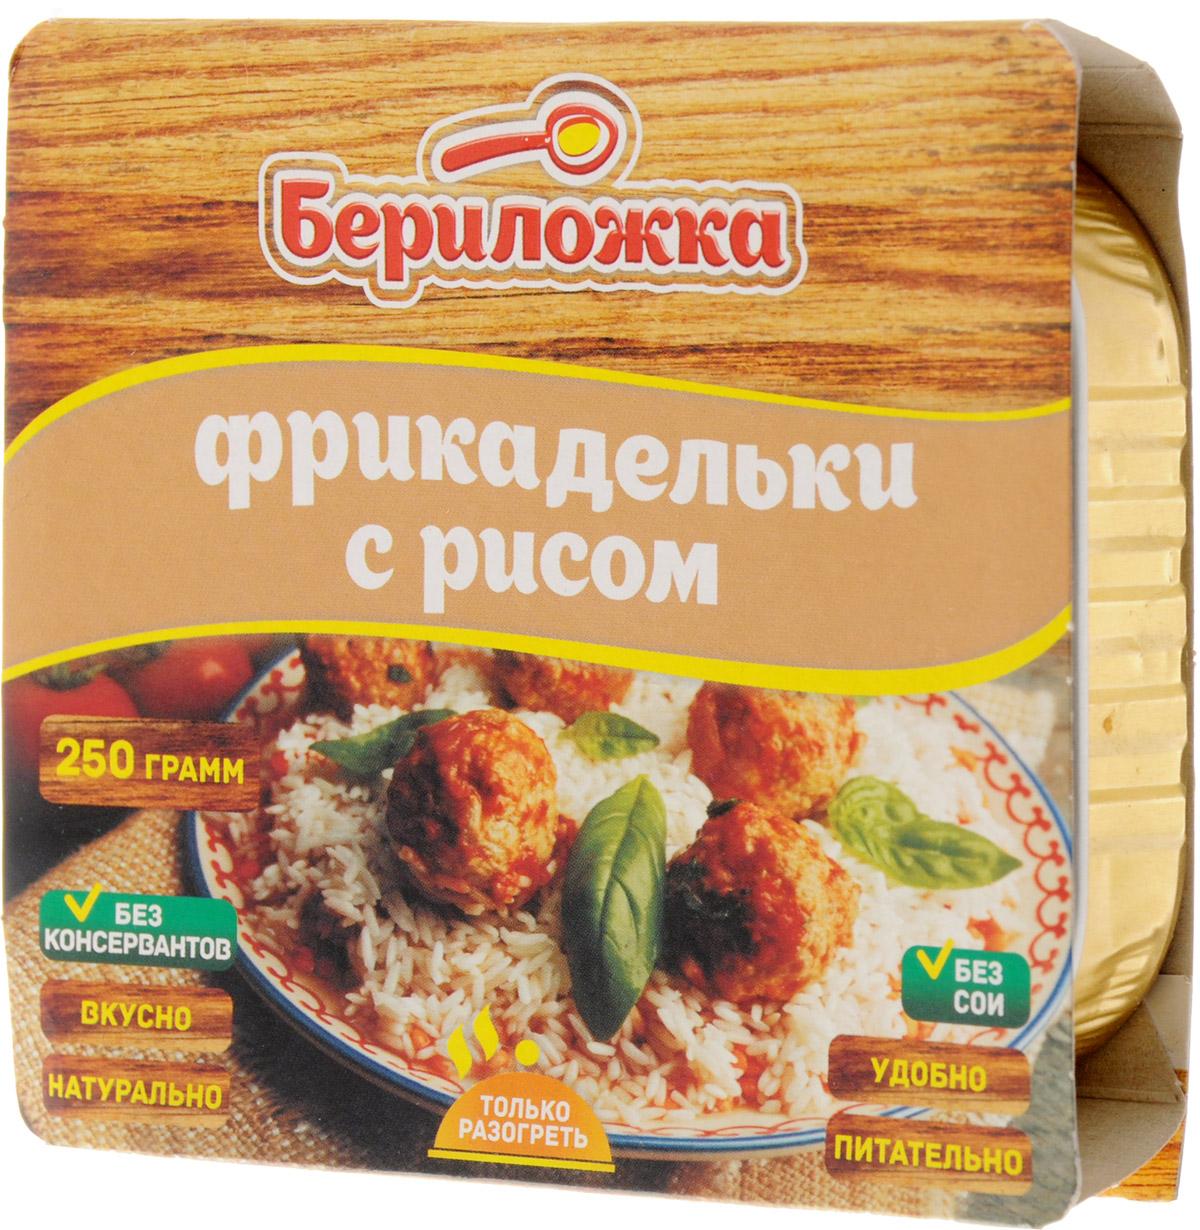 Бериложка фрикадельки с рисом, 250 г5795Фрикадельки с рисом Бериложка - стерилизованные мясорастительные консервы. Вкусно, натурально, удобно и питательно.Без консервантов, без сои. Продукт не содержит ГМО!Уважаемые клиенты! Обращаем ваше внимание, что полный перечень состава продукта представлен на дополнительном изображении.